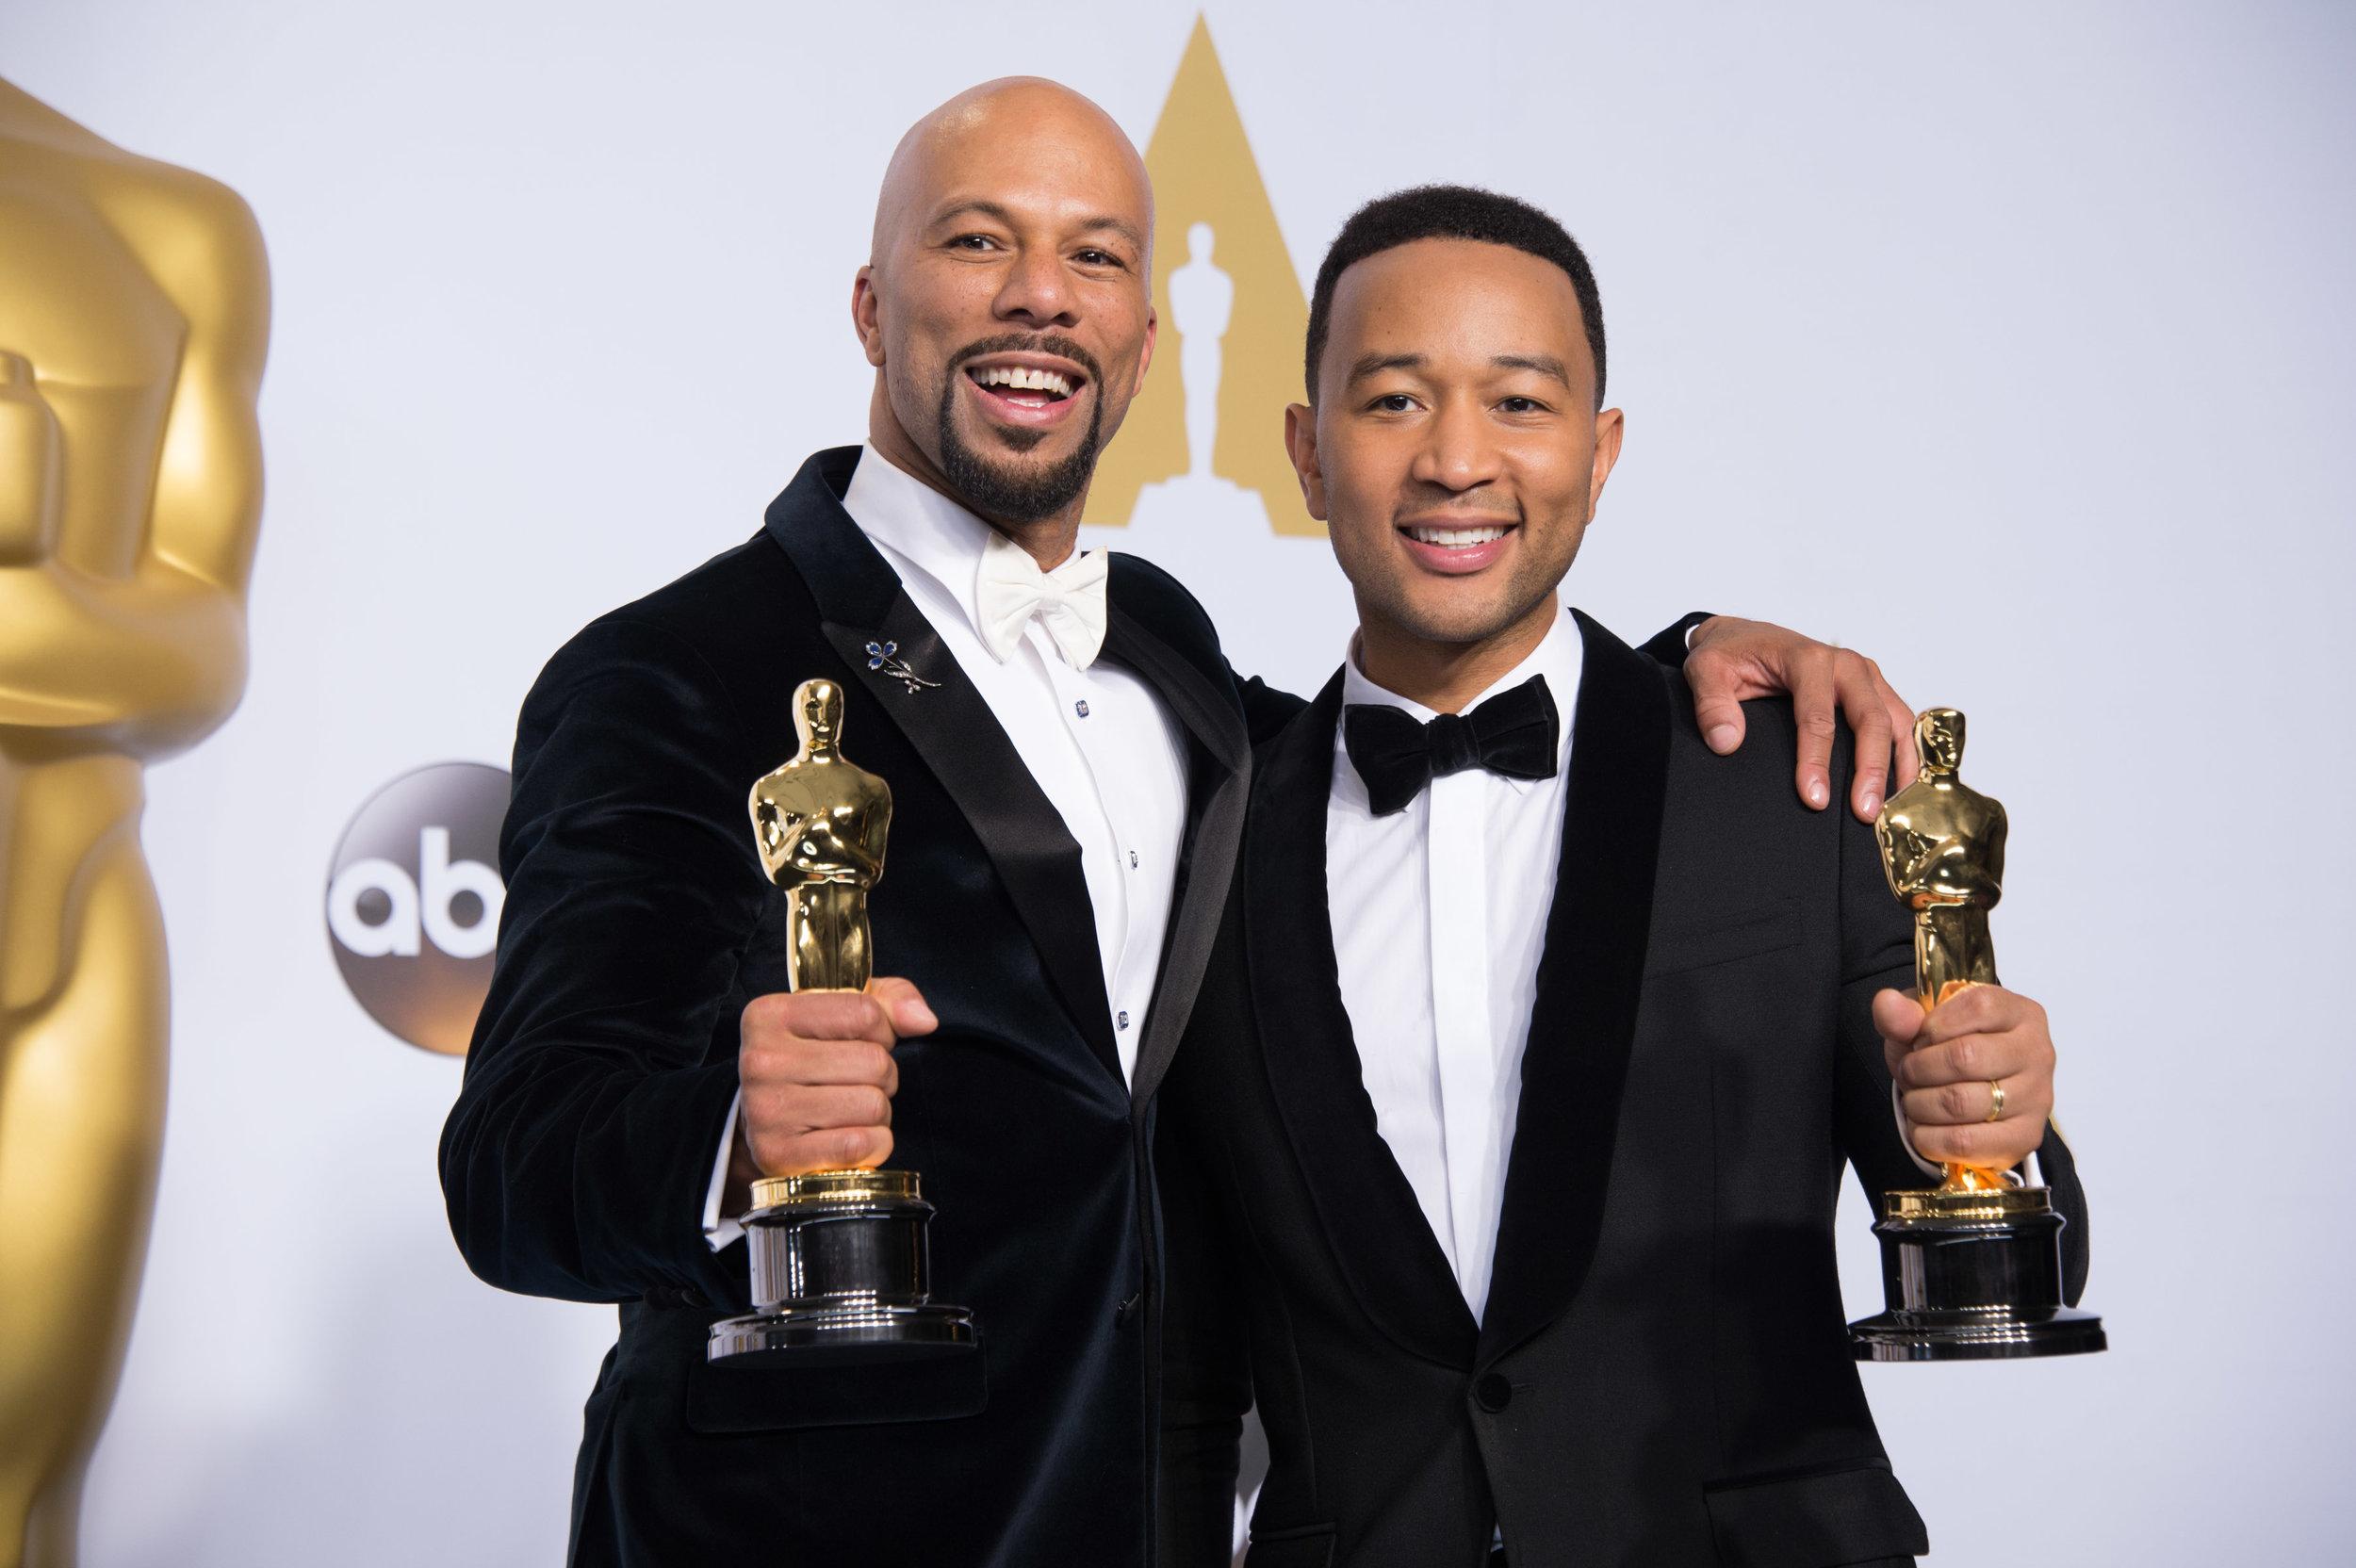 87th Academy Awards, Oscars, Press Room